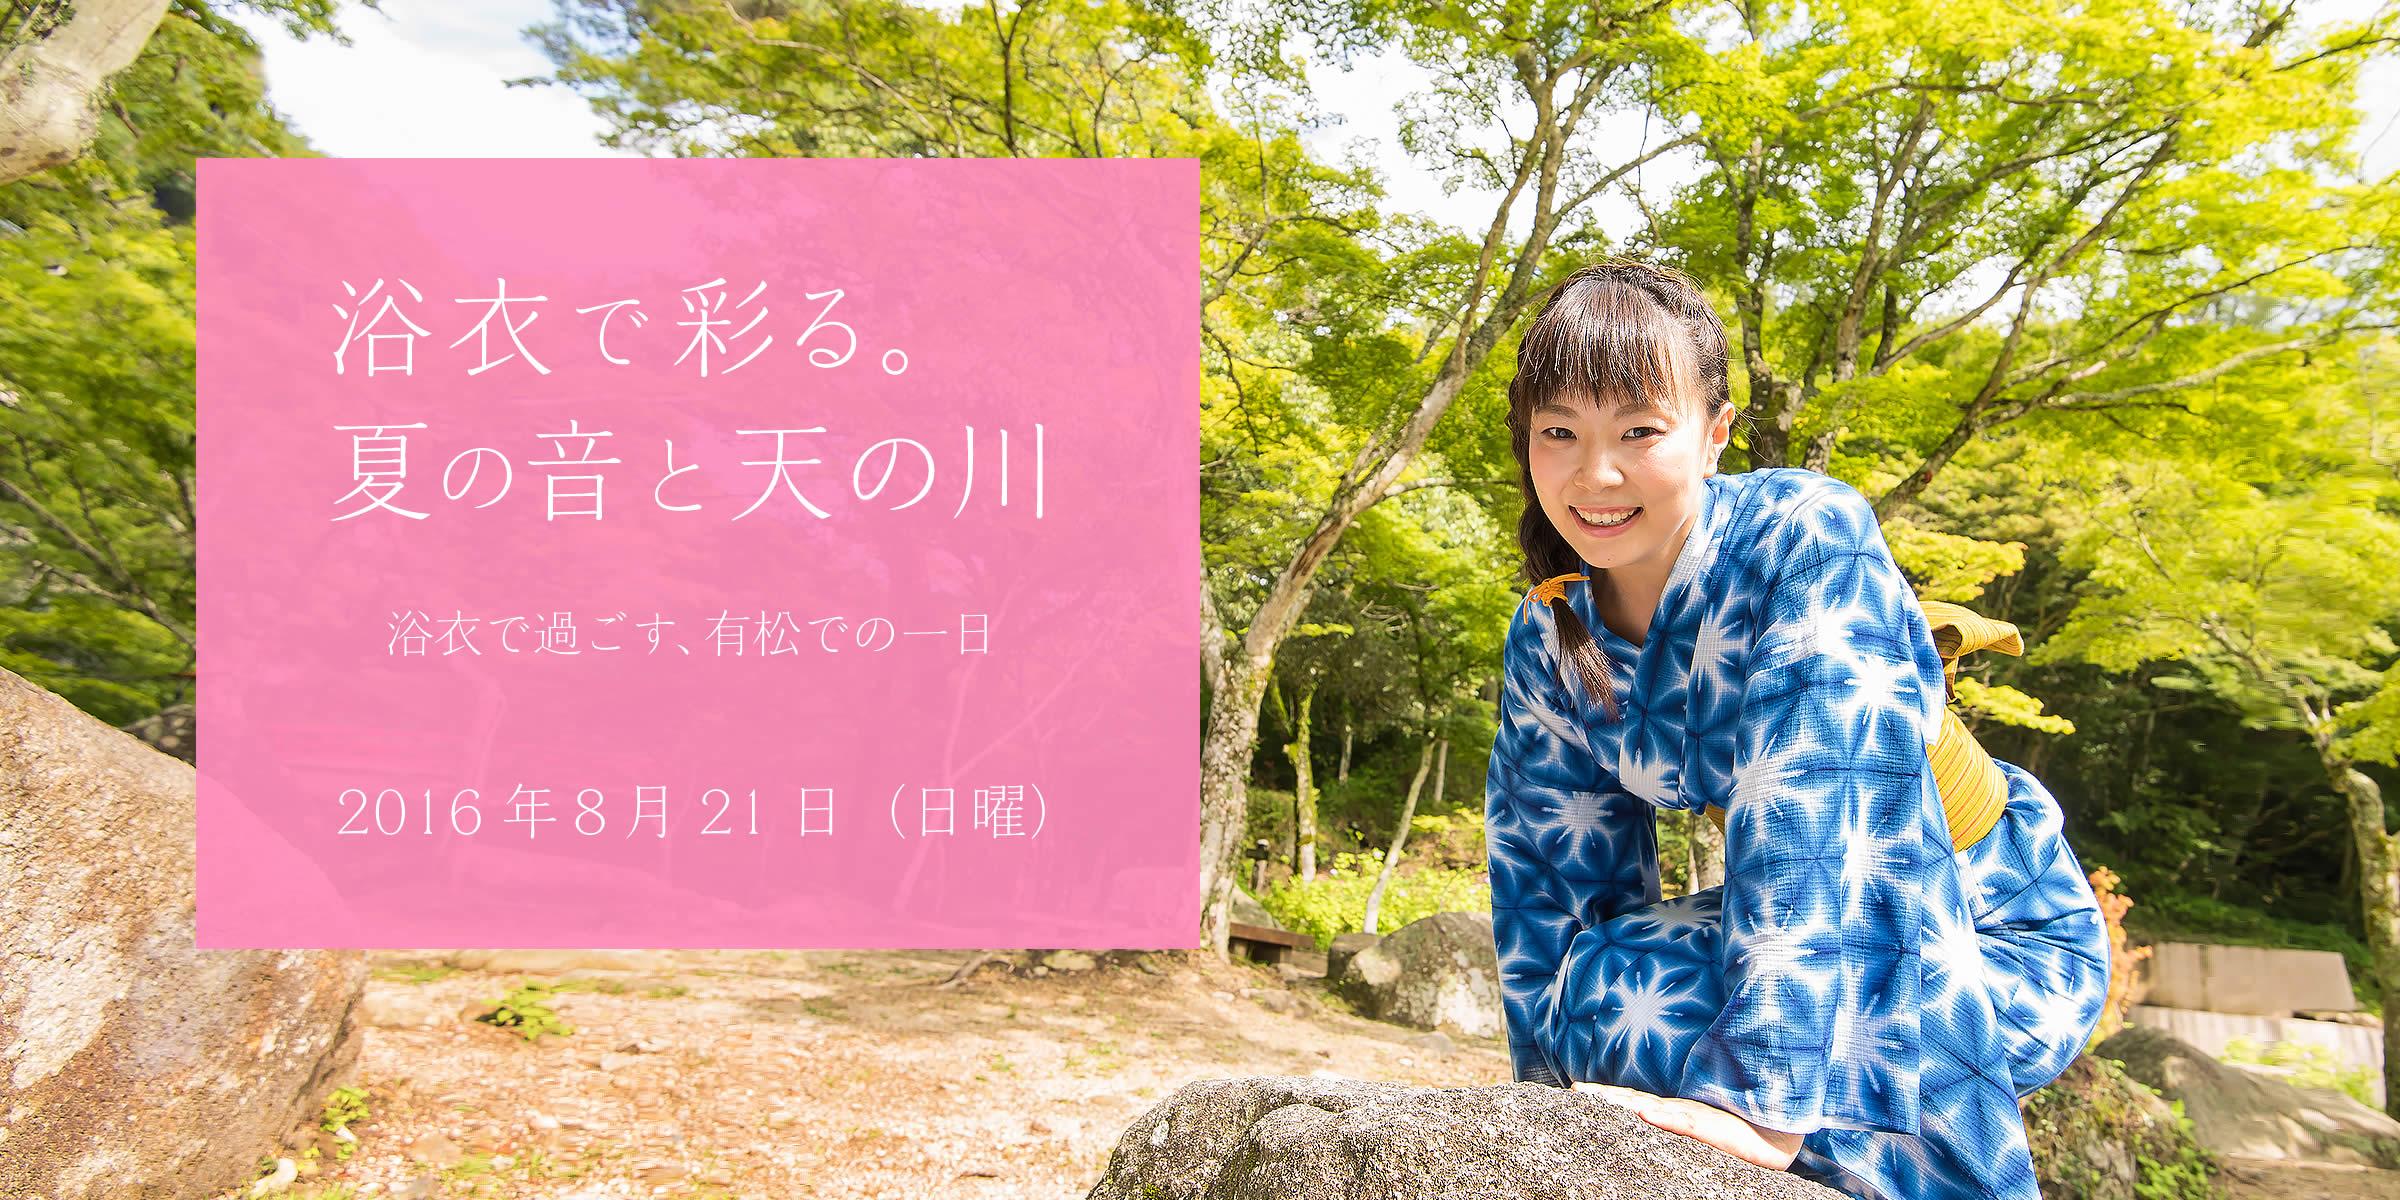 natsu-no-ne-2016-photo-01